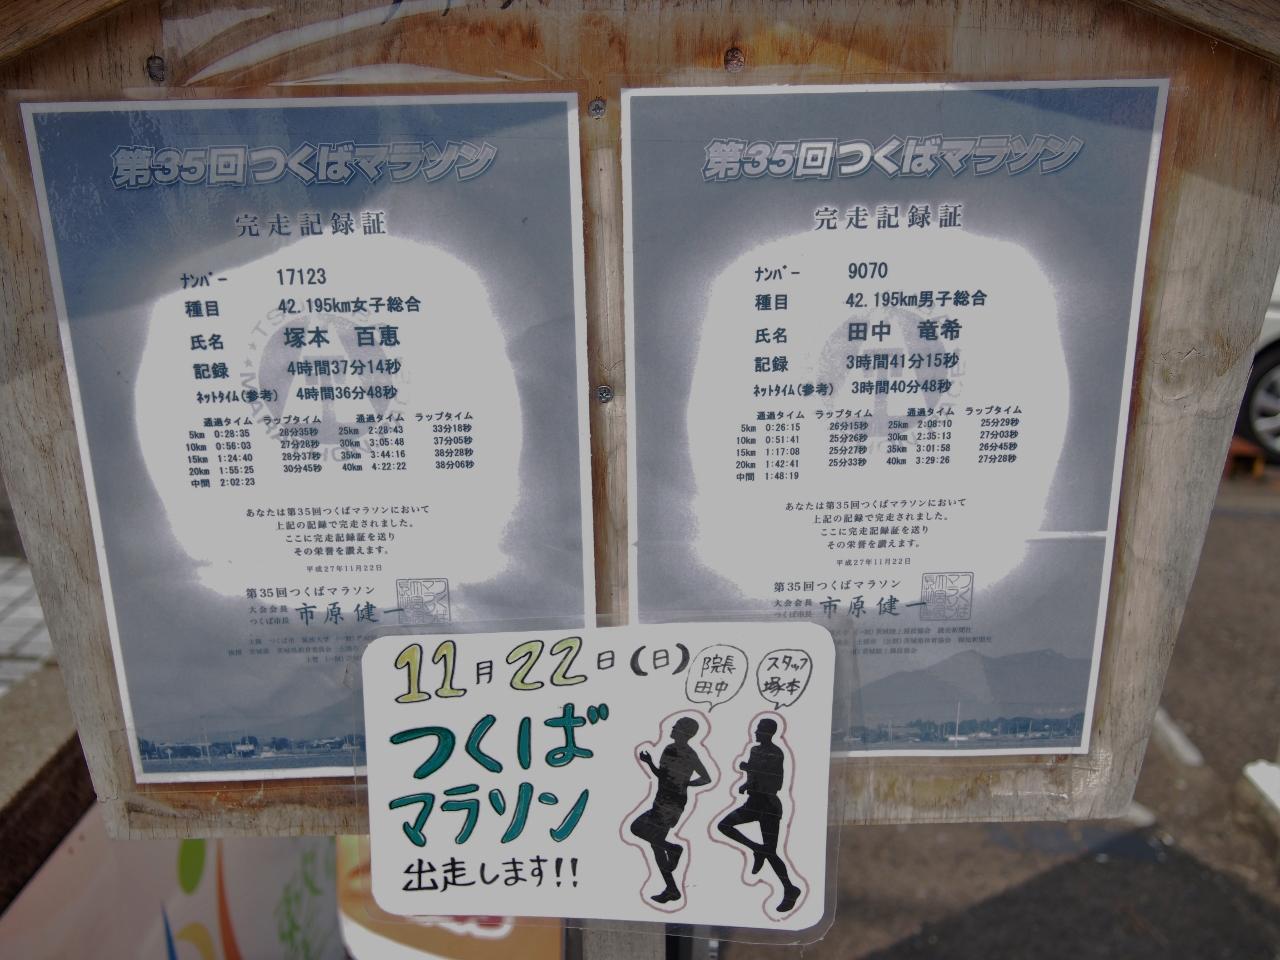 P7011139 (1280x960)マラソン記録